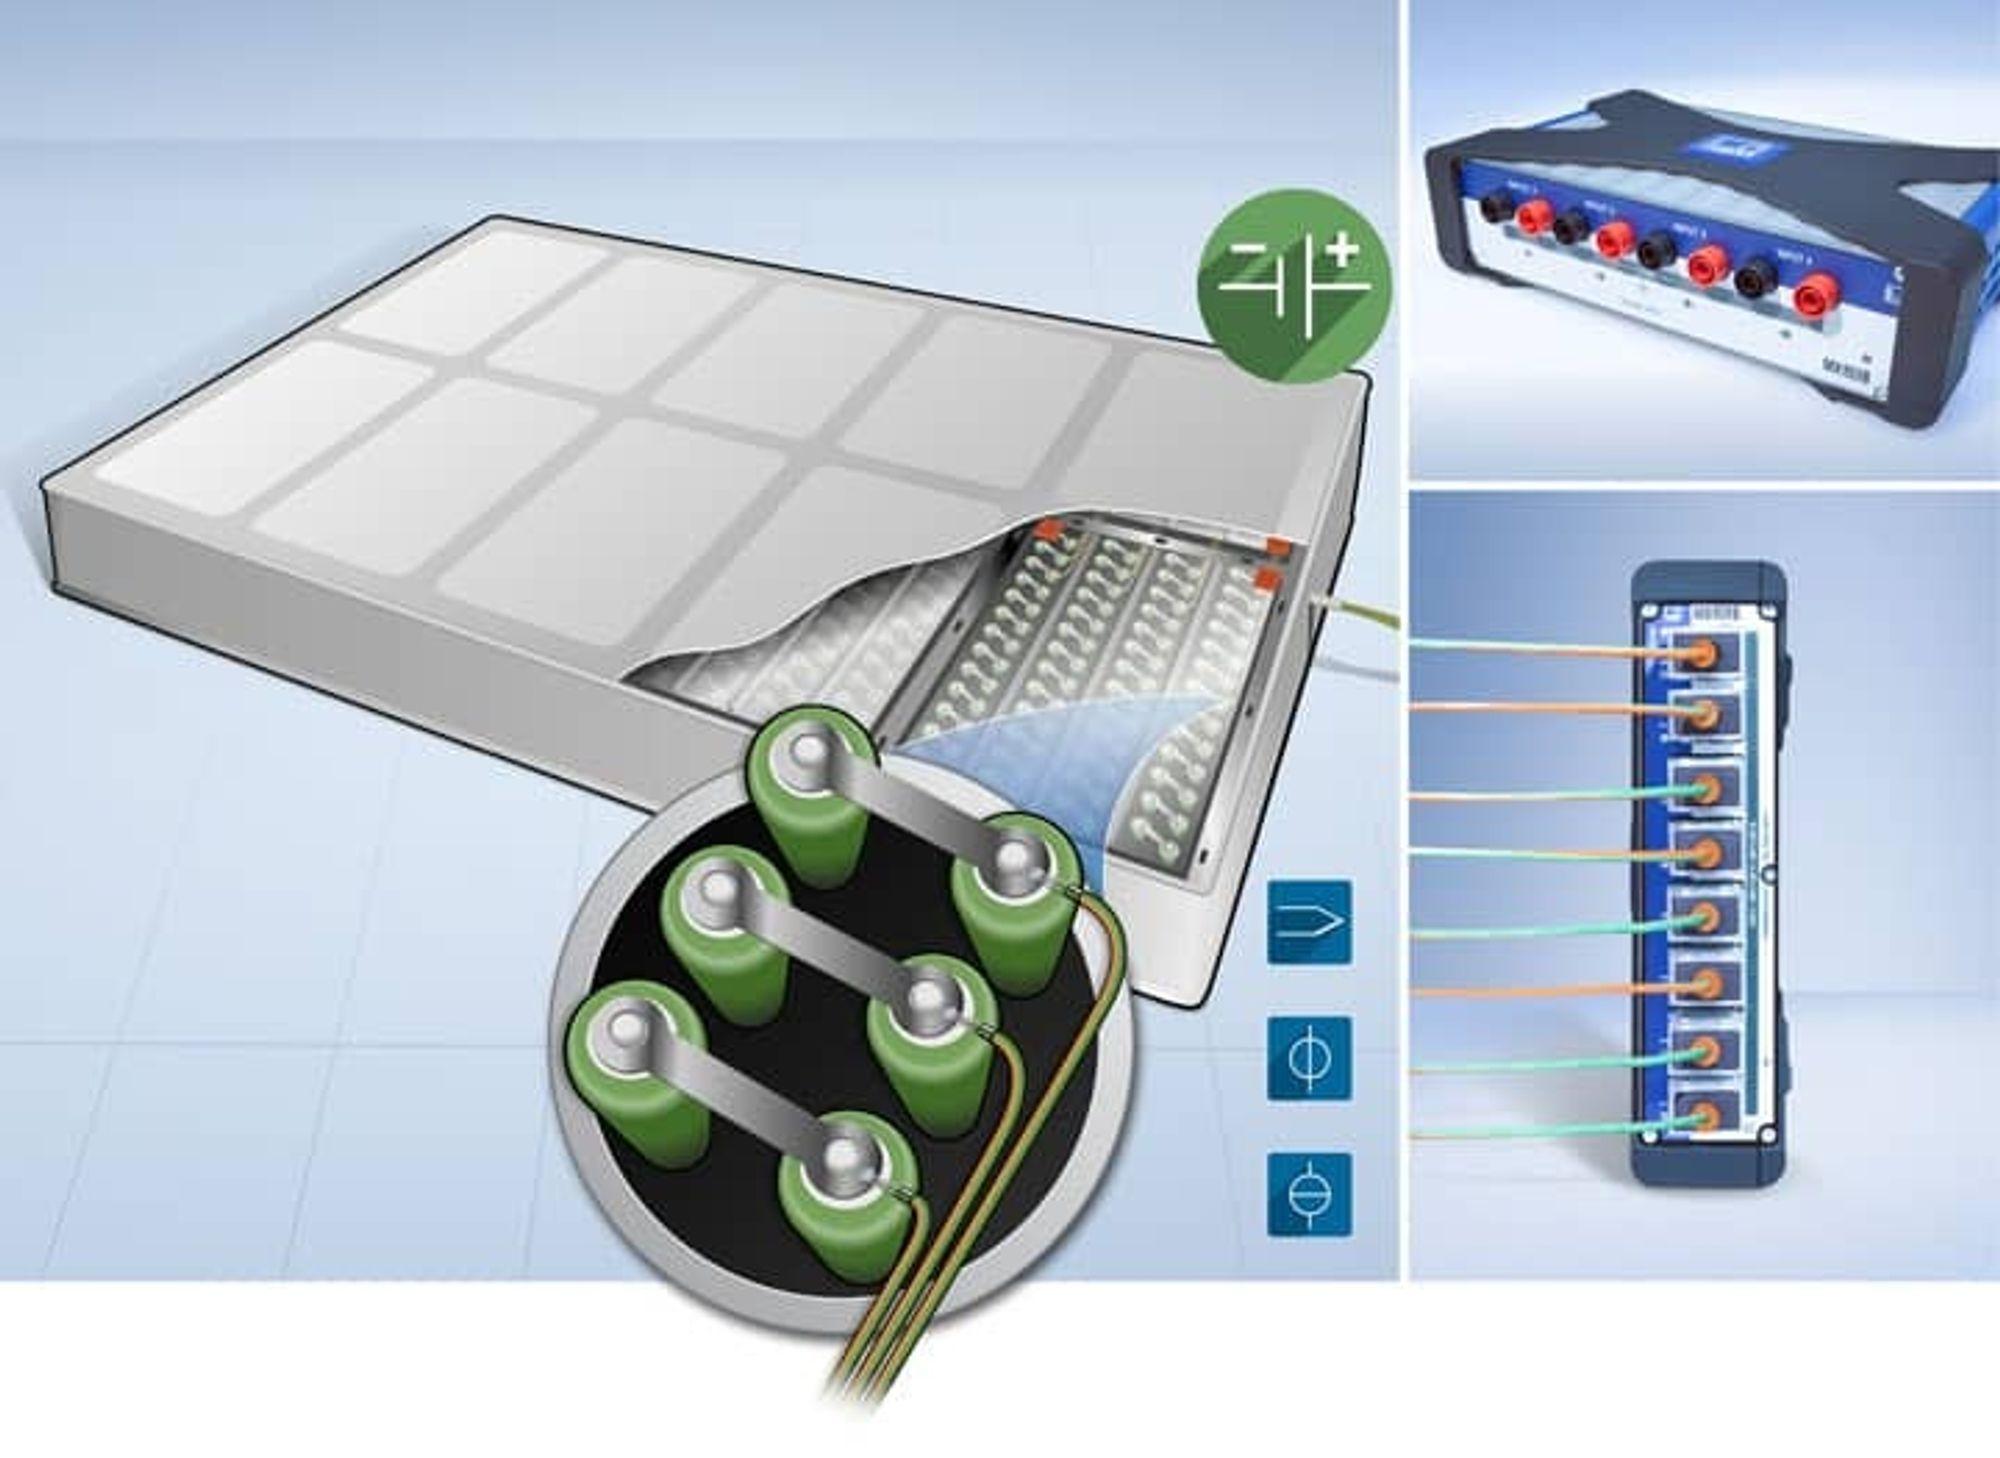 ANNONSE: HBK - Måling og analyse av batterier for e-mobilitet